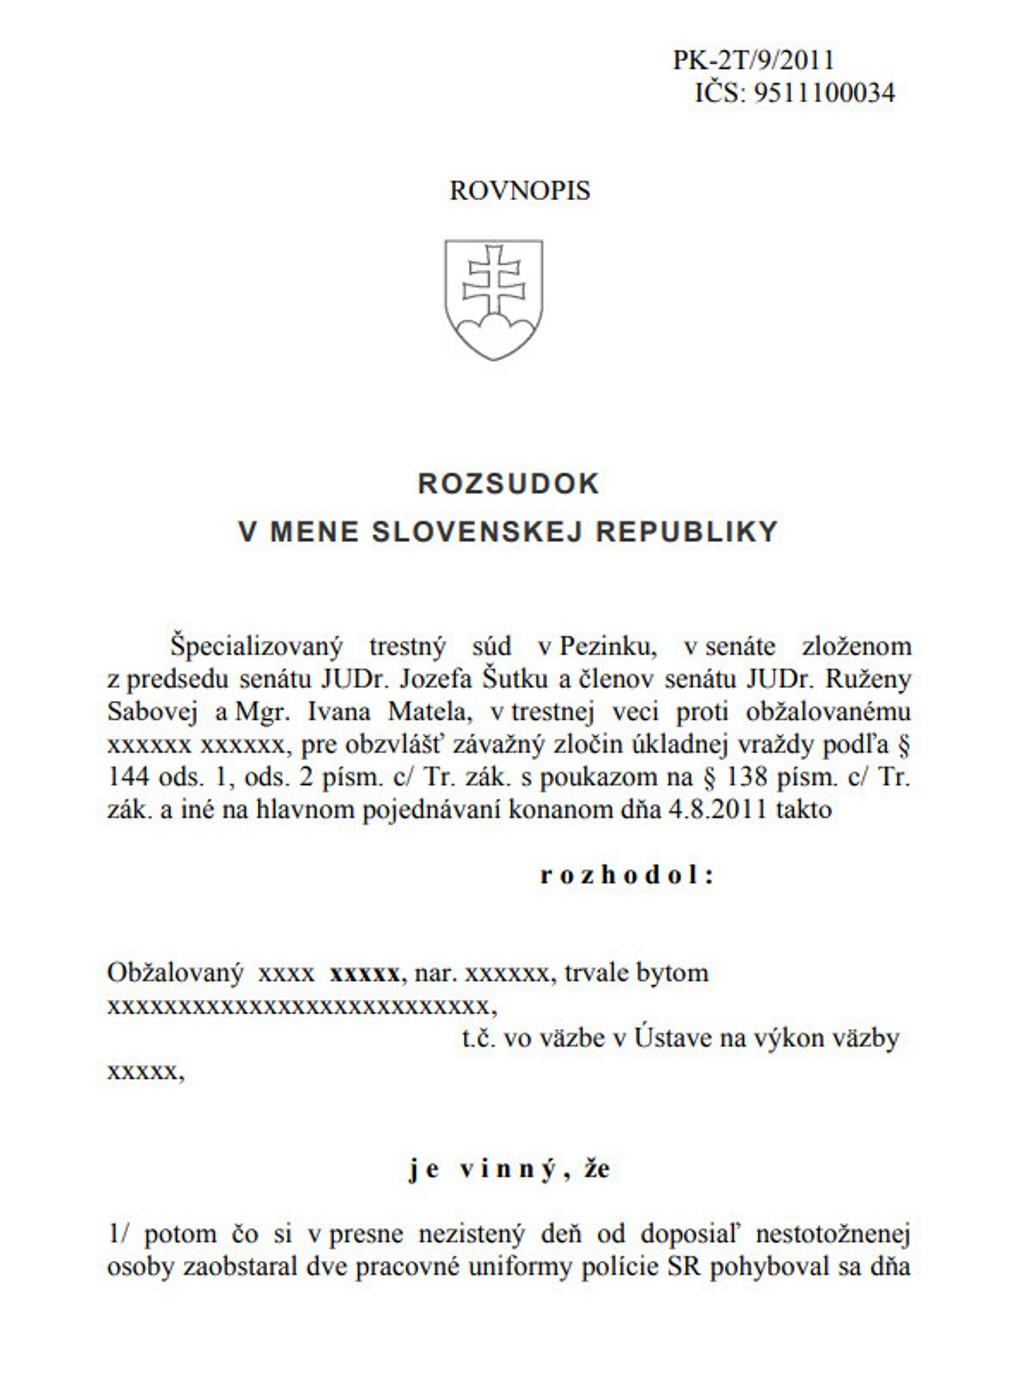 Rozsudok ŠTS v prípade vraždy exprimátora Hurbanova - strana 1